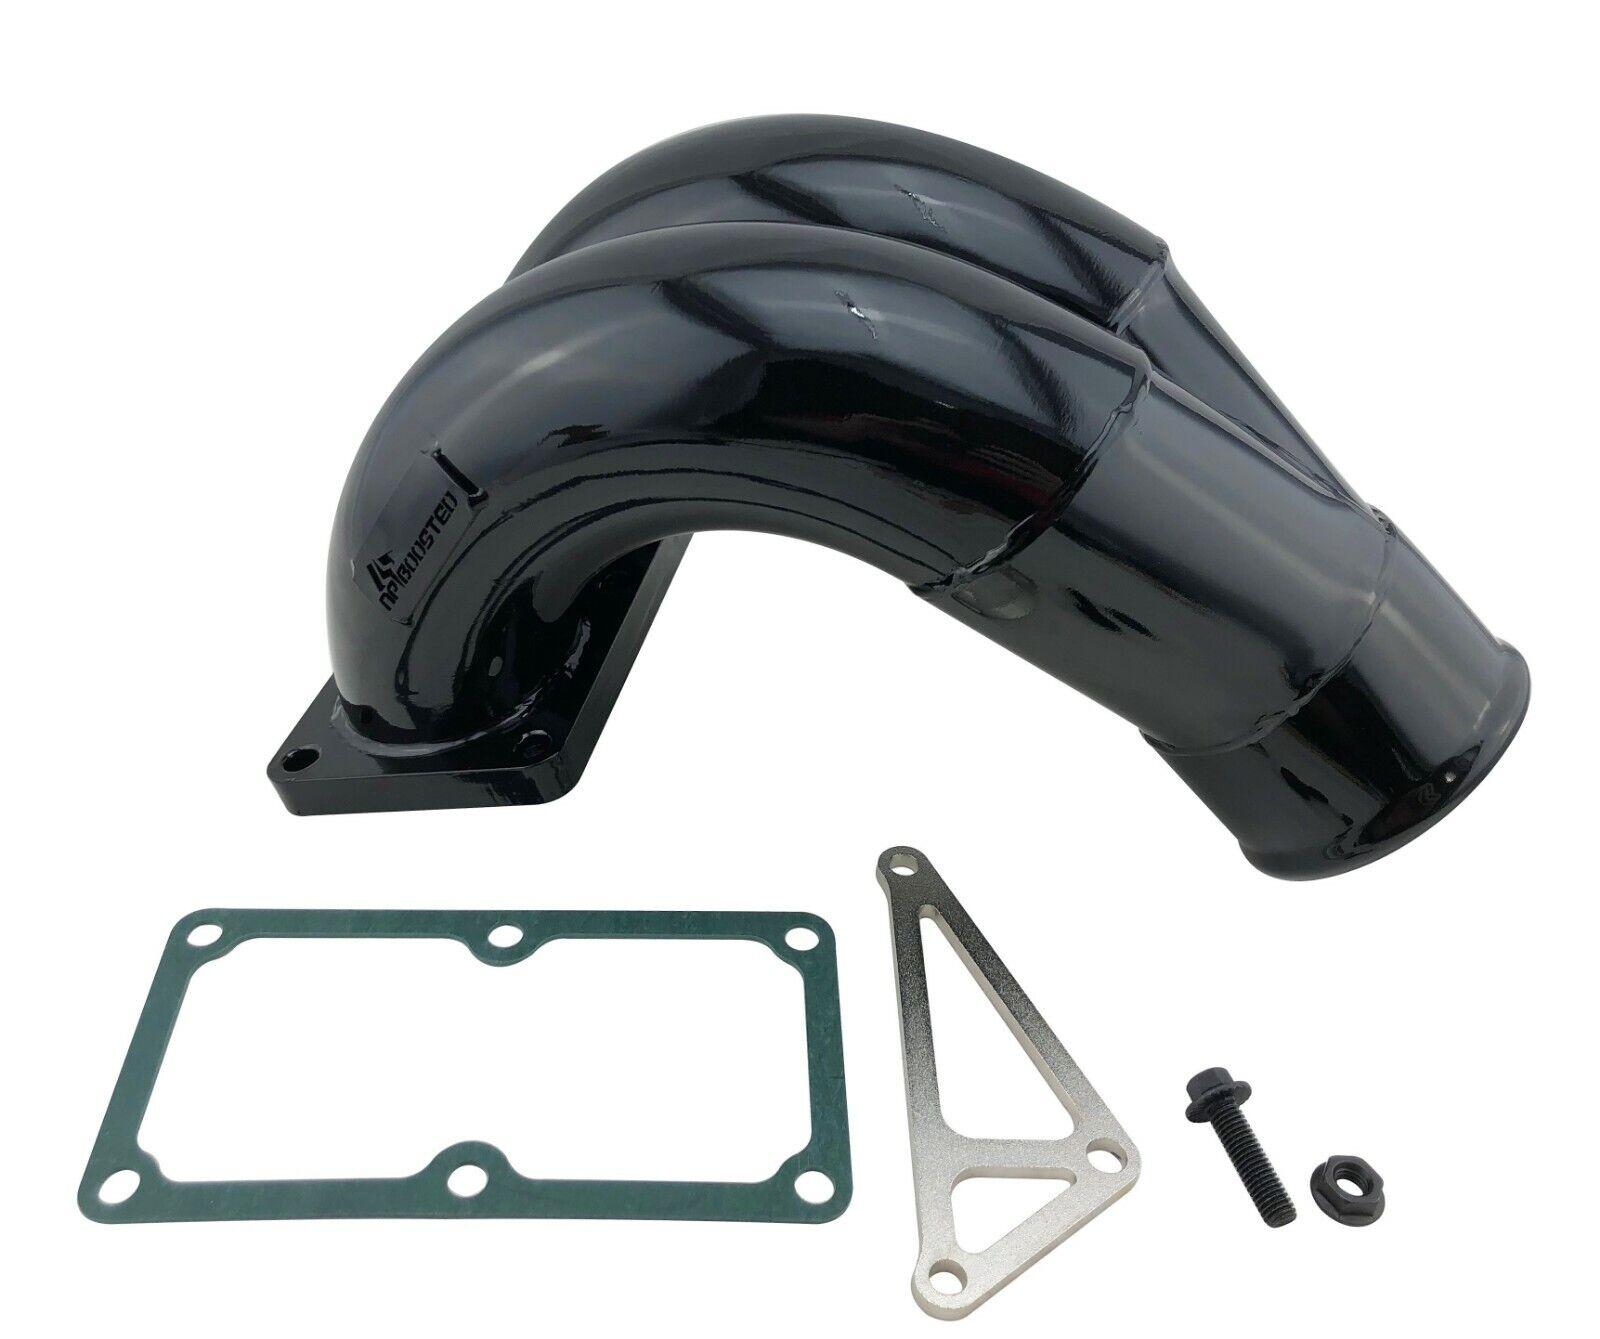 EGR Upgrade Intake Manifold Elbow Horn for 2010-14 Dodge Ram 6.7L 2500 3500 4500